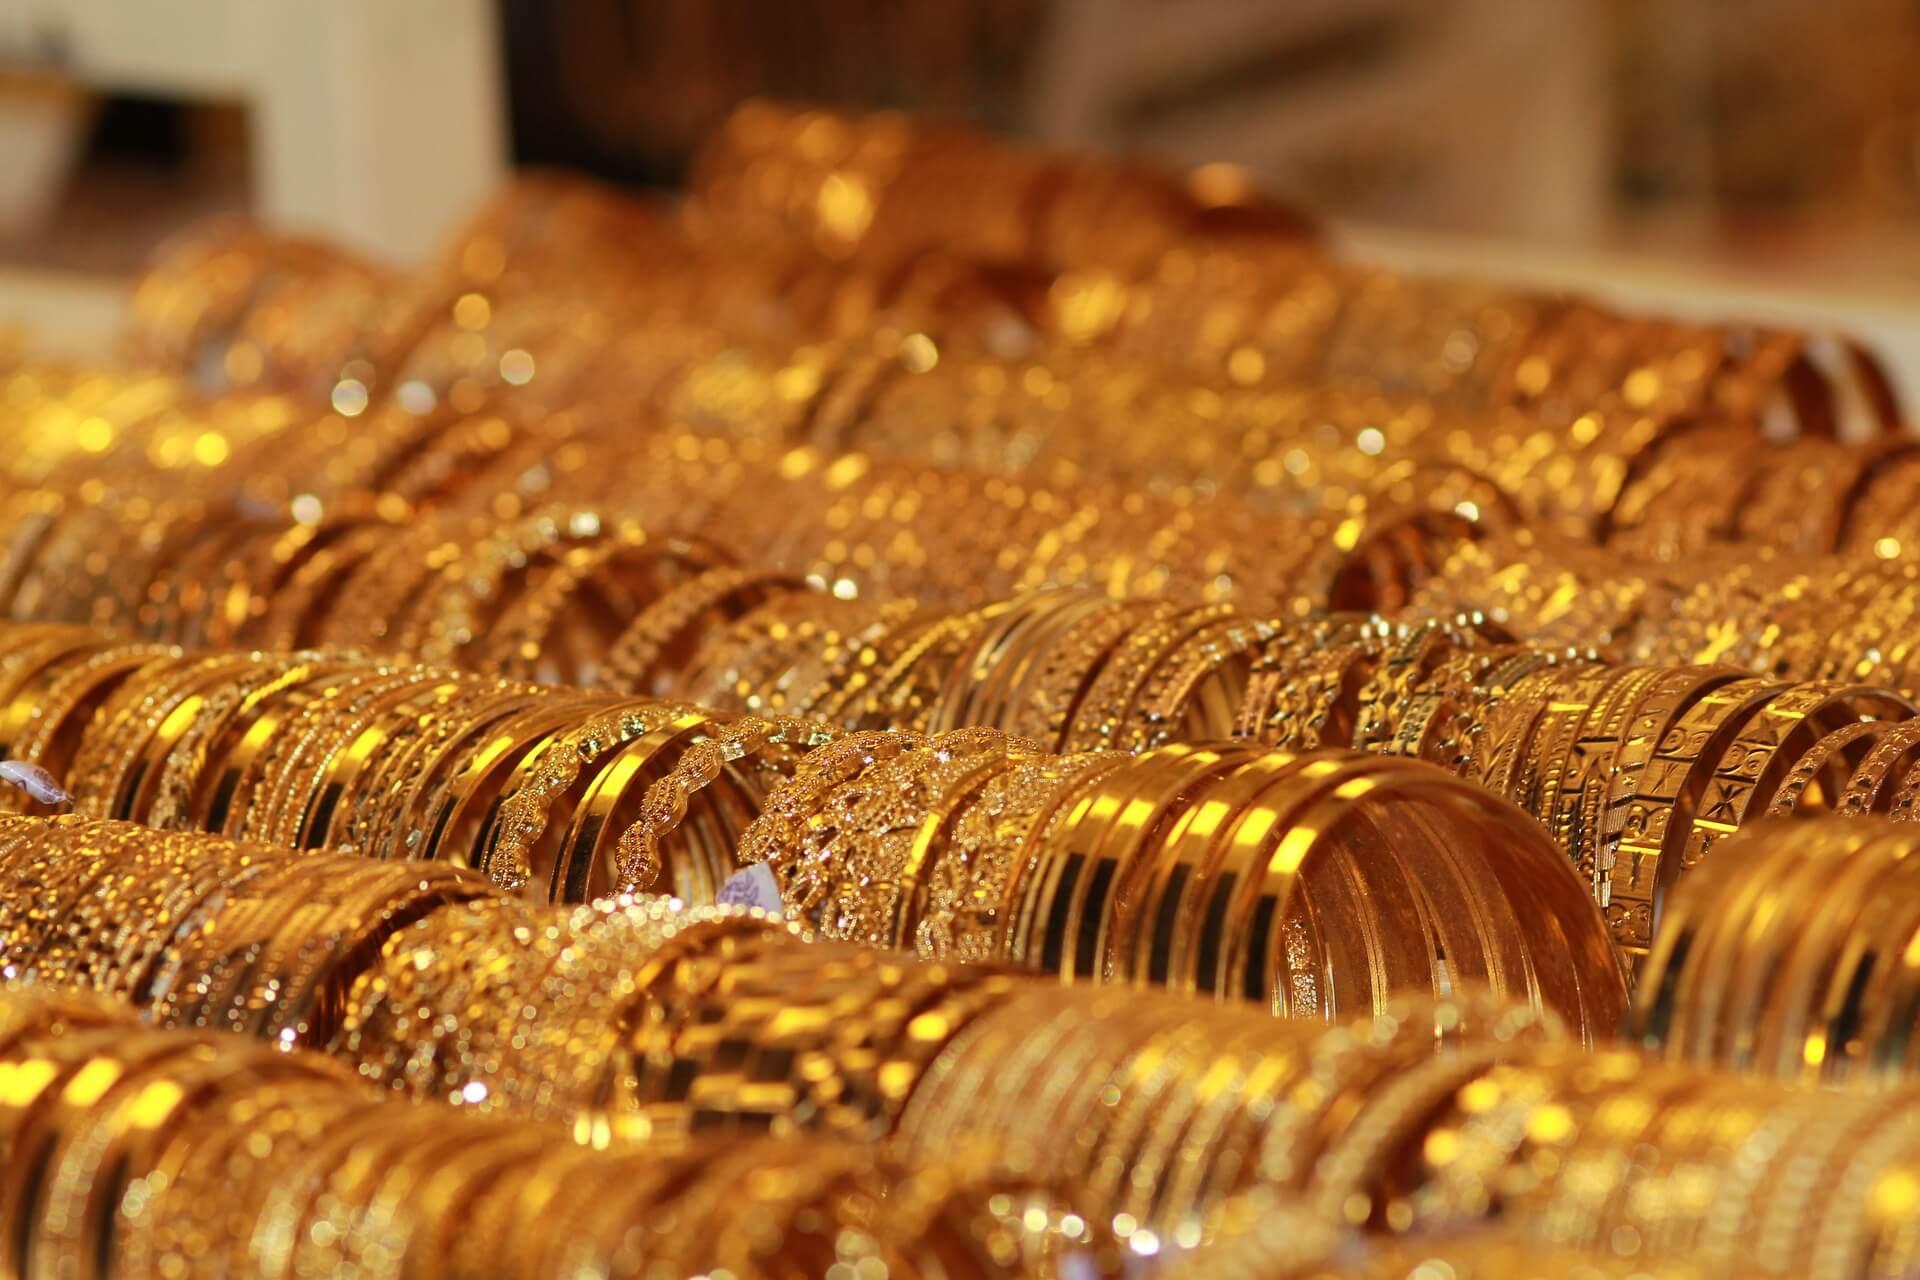 اسعار الذهب محليا تعاود الارتفاع